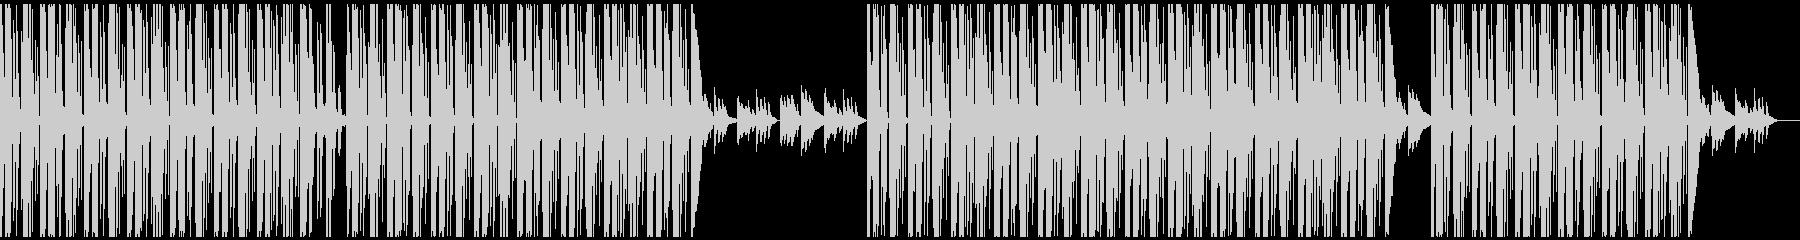 たまーにピアノの音がフラッシュバックするの未再生の波形